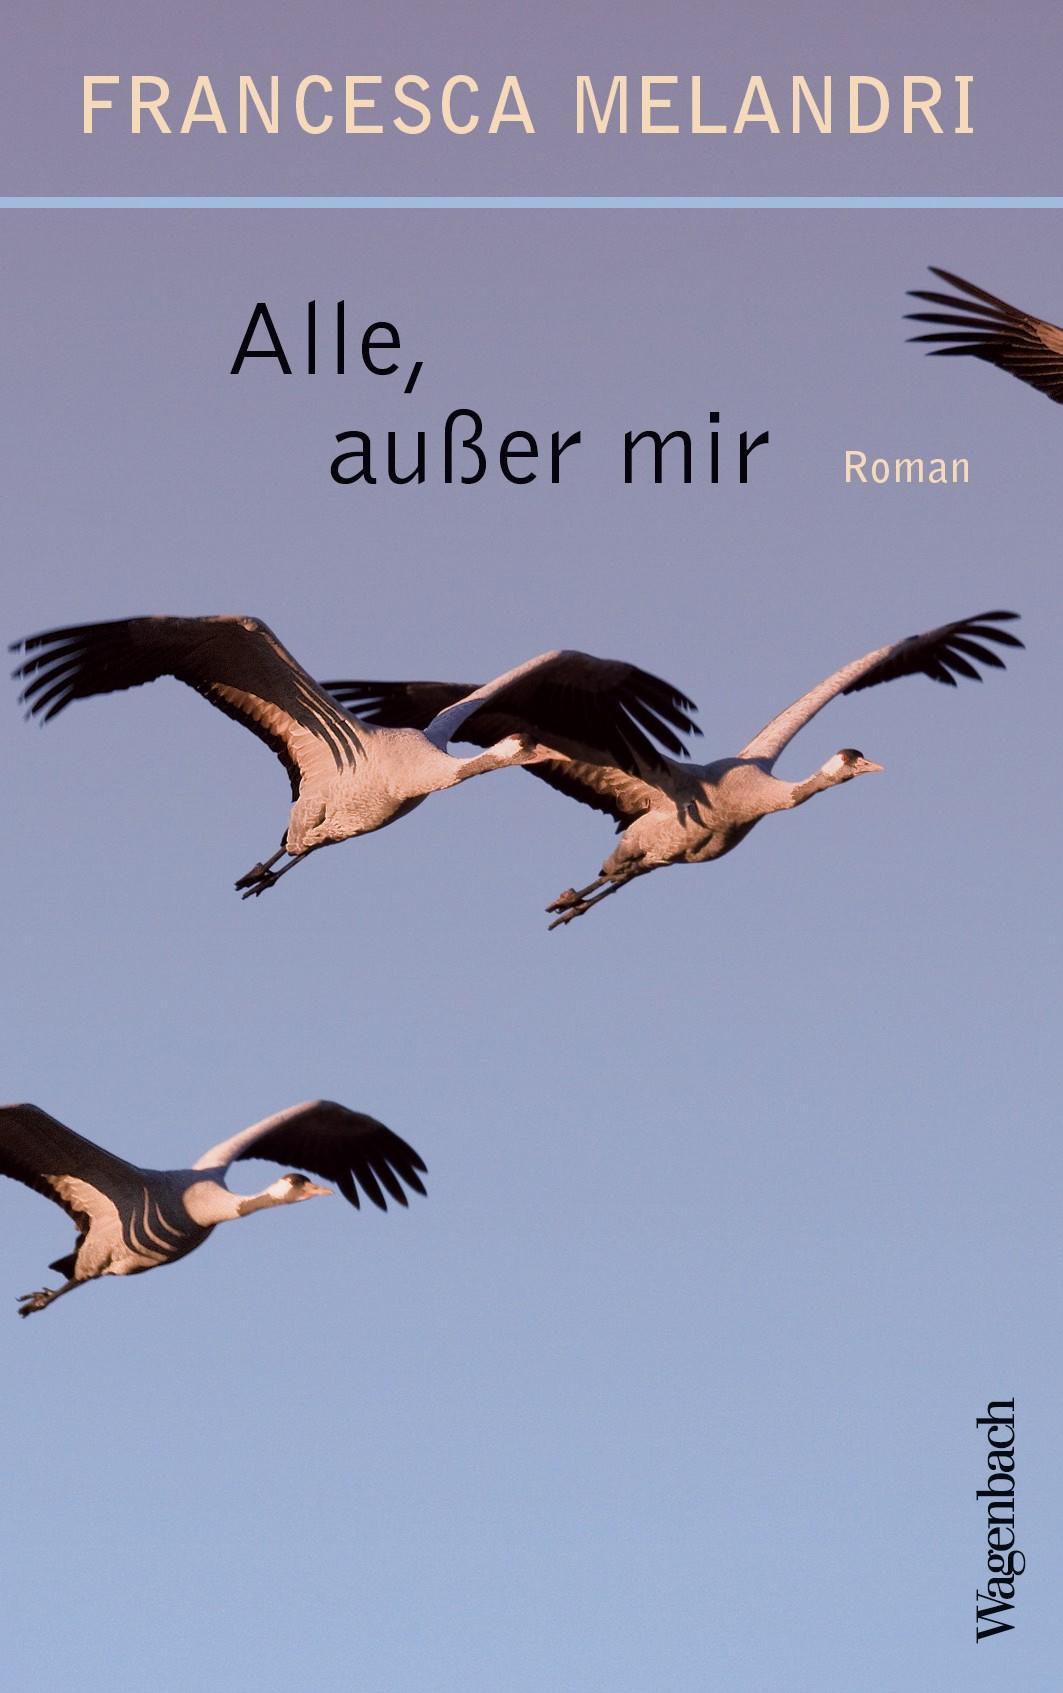 https://www.wagenbach.de/buecher/titel/1151-alle-ausser-mir.html